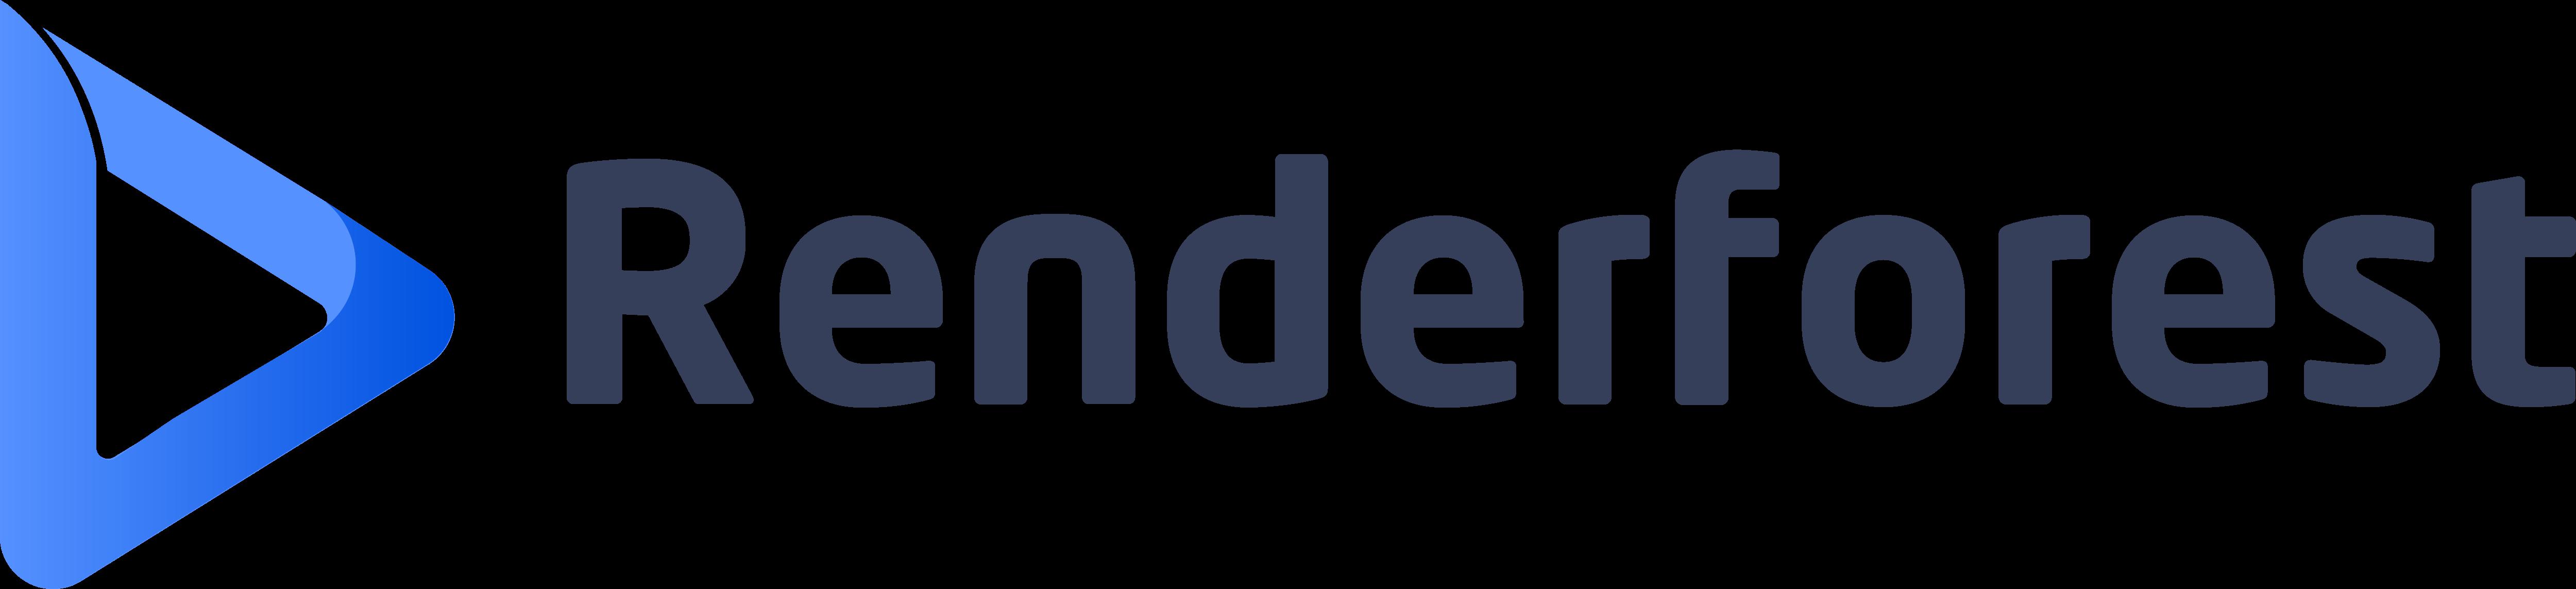 Renderforest_Logo